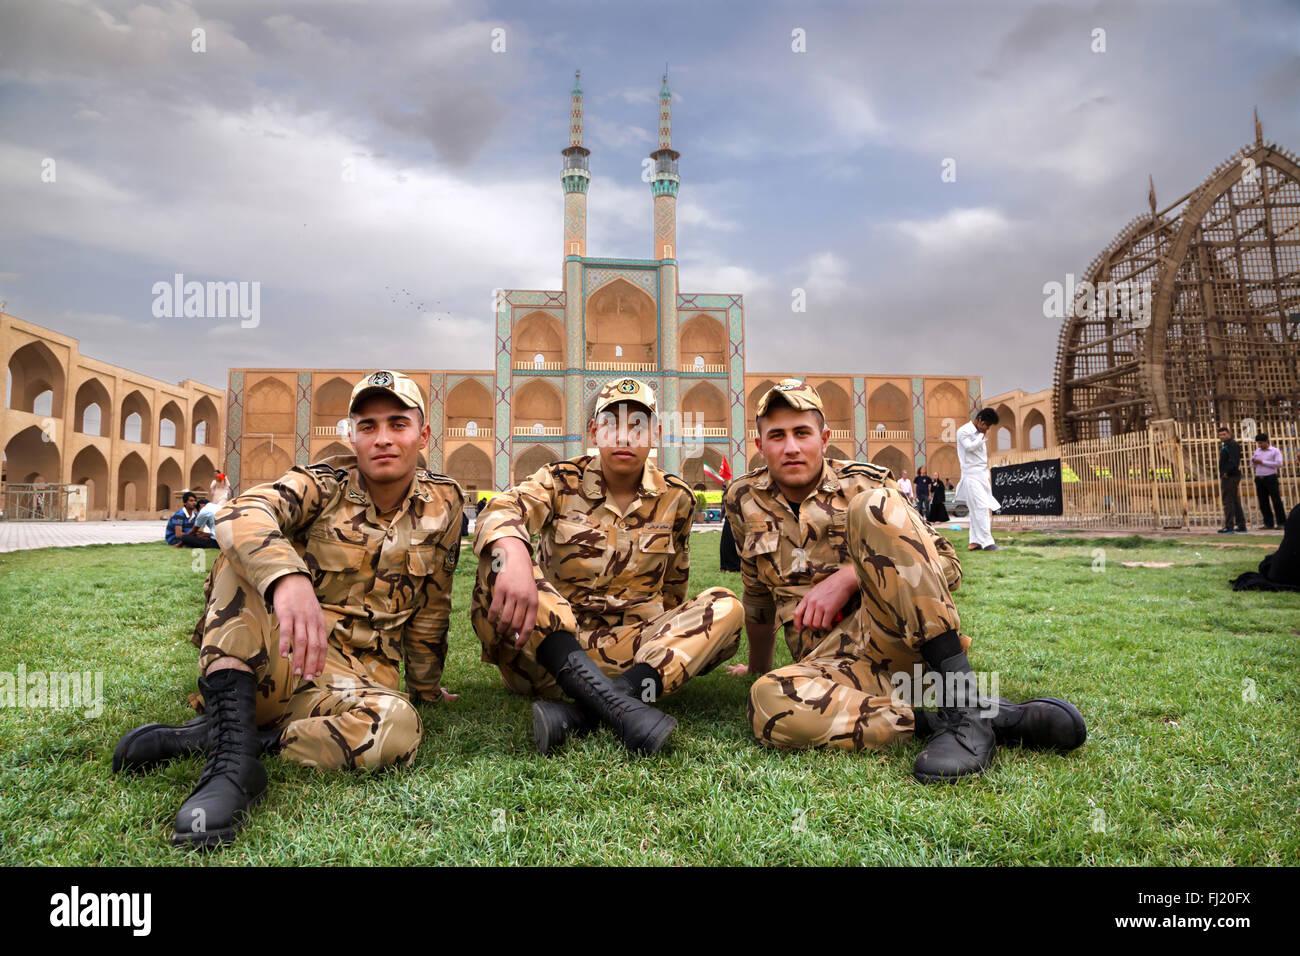 Los ejércitos posando con uniforme en la parte delantera de la Amir Chakhmagh compleja, Yazd, en Irán Imagen De Stock